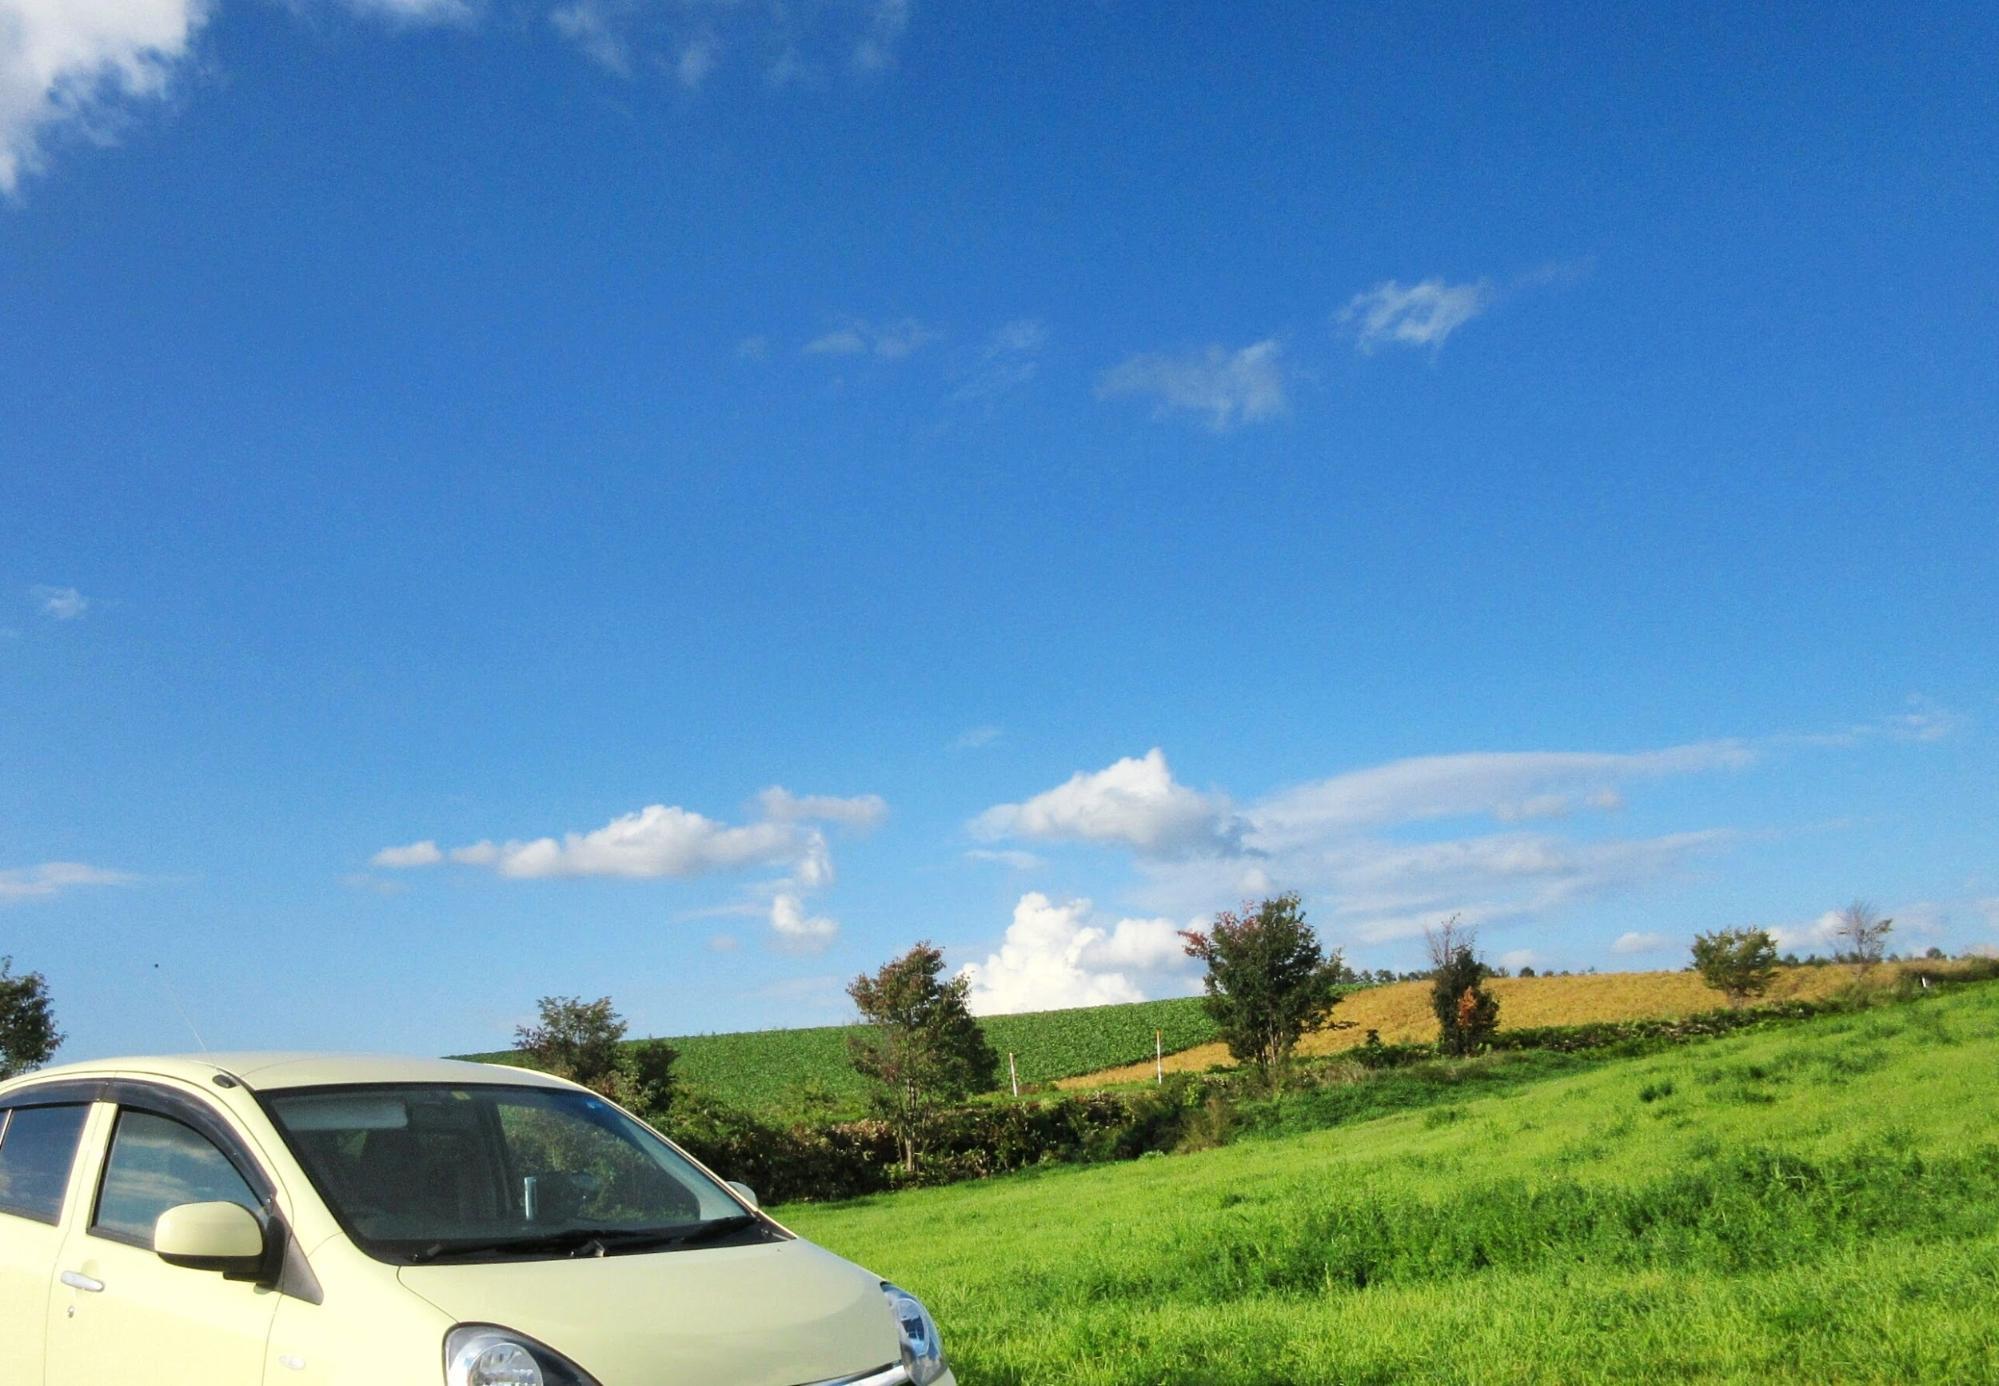 晴天の中ドライブをする車